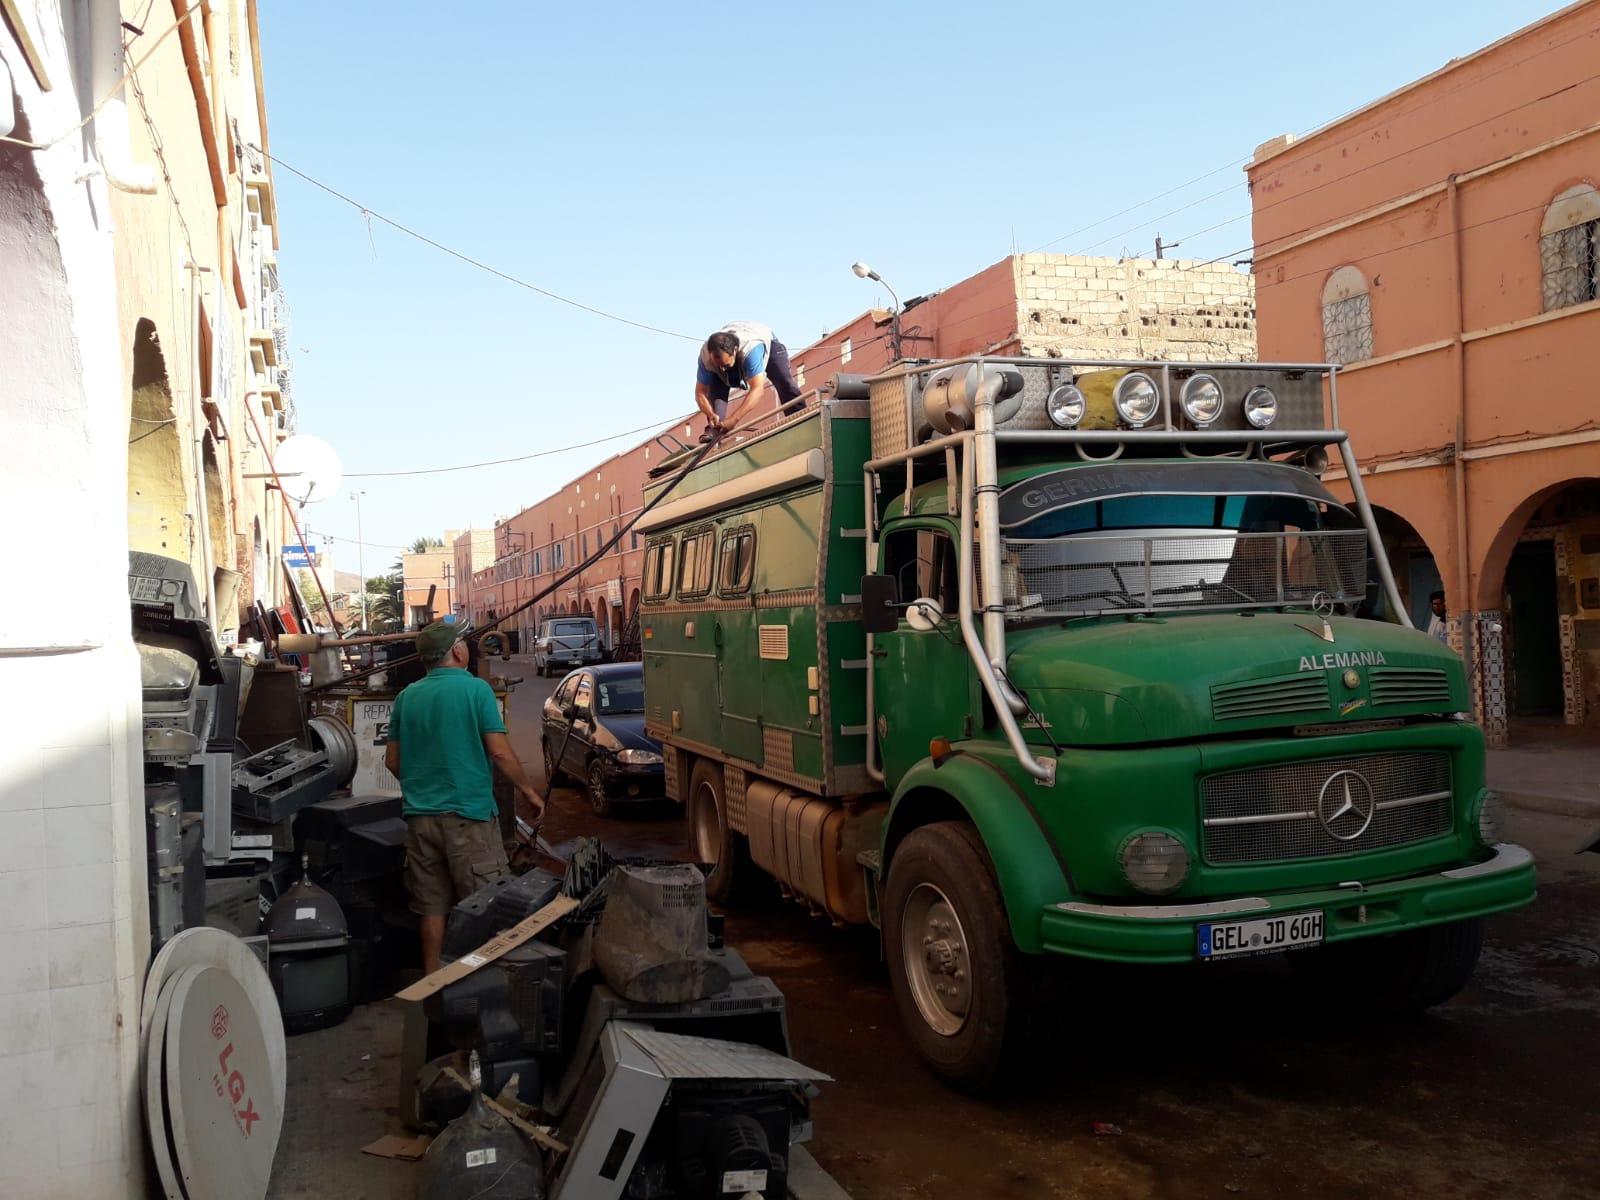 Reparaturen finden wie immer auf der Straße statt